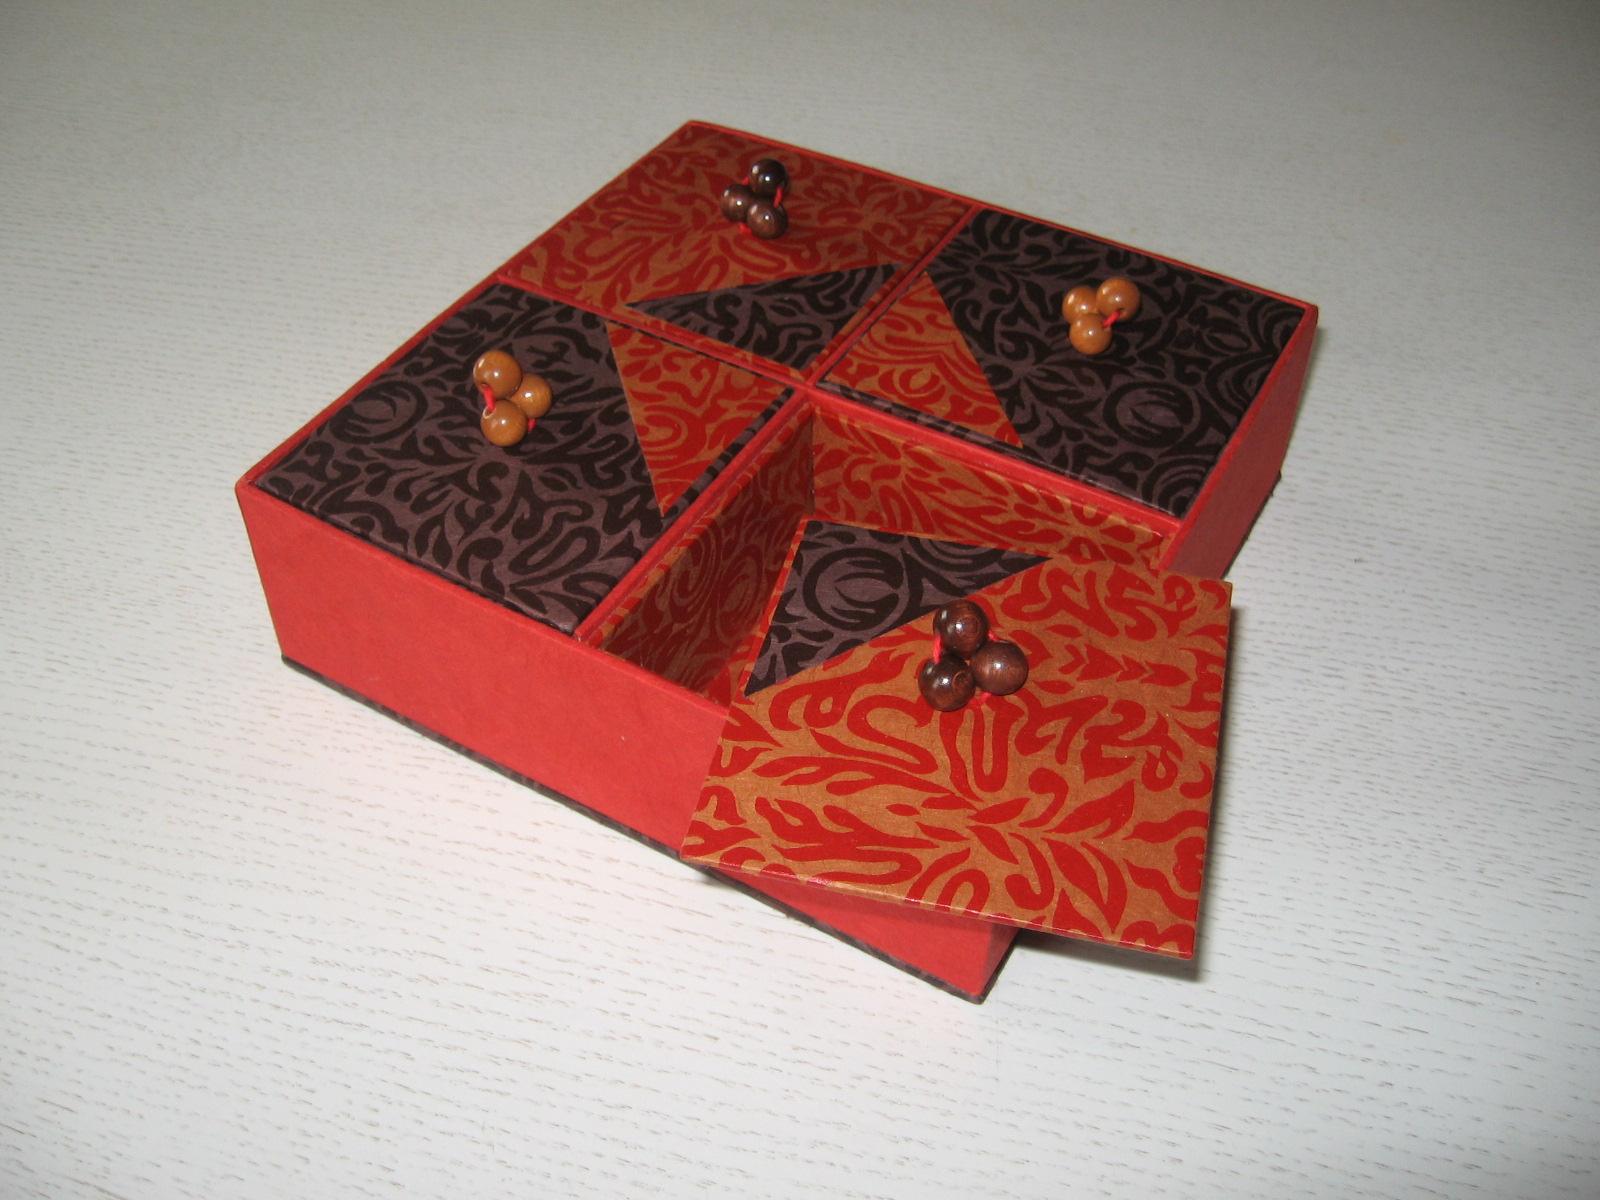 les tout en carton d anne objets en carton. Black Bedroom Furniture Sets. Home Design Ideas